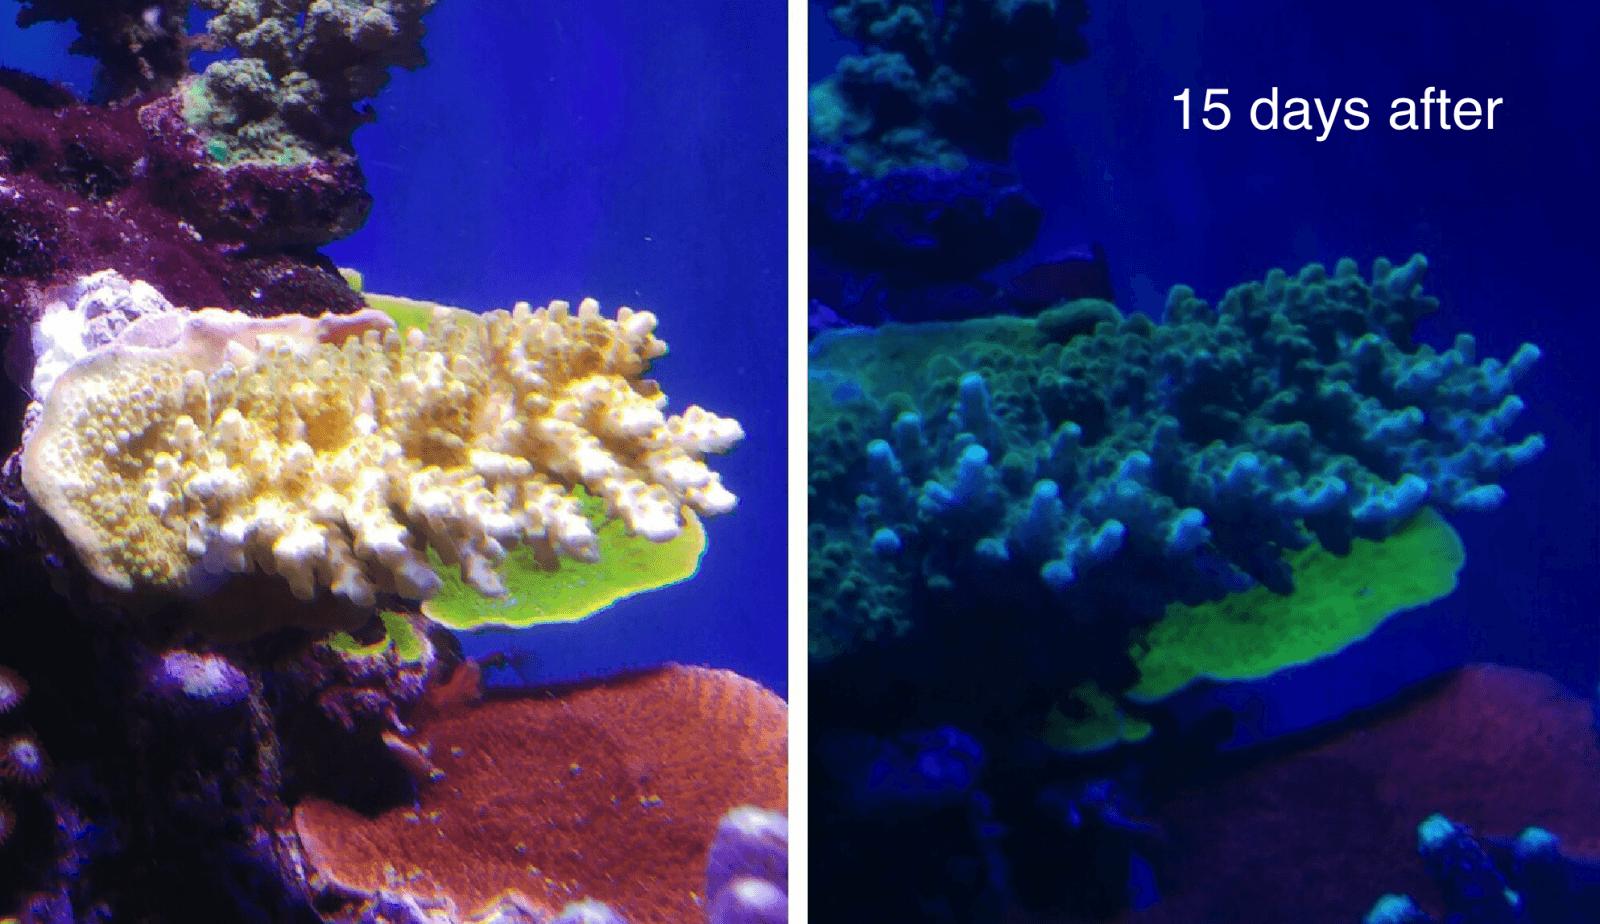 κοράλλι ποπ κάτω από ορφανό atlantik v4